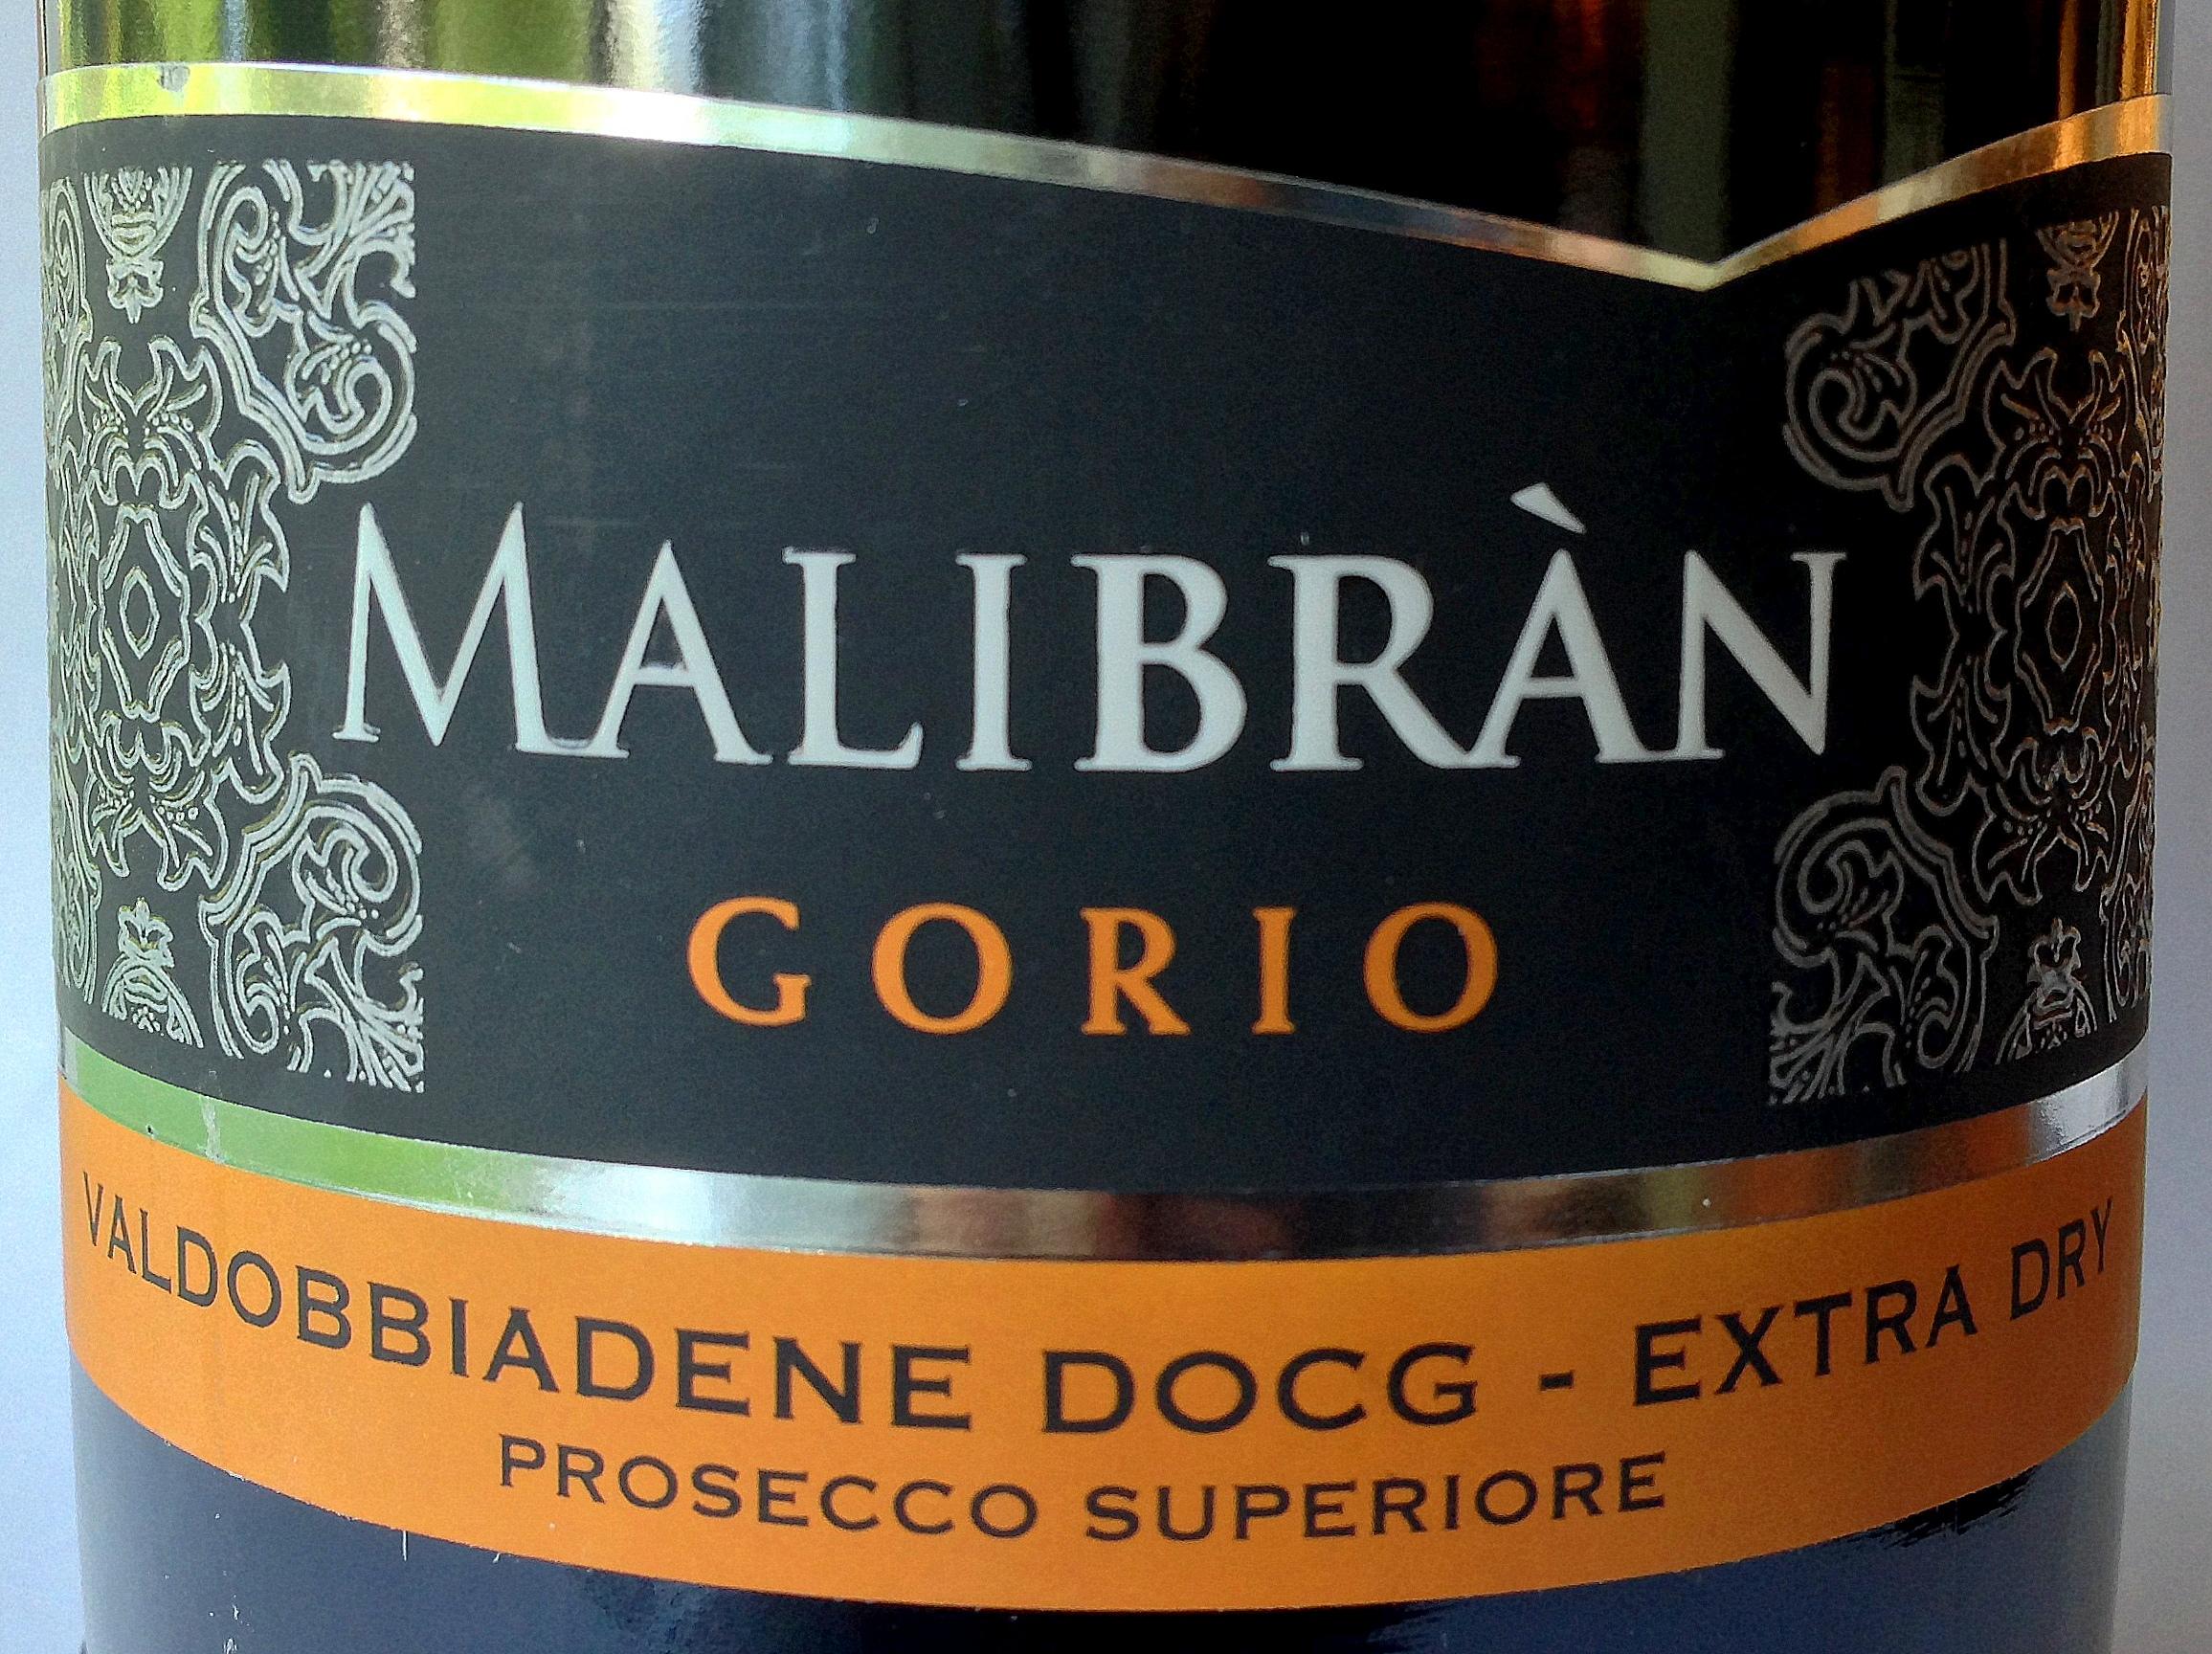 Malibràn Prosecco DOCG Superiore Extra dry Gorio 2013